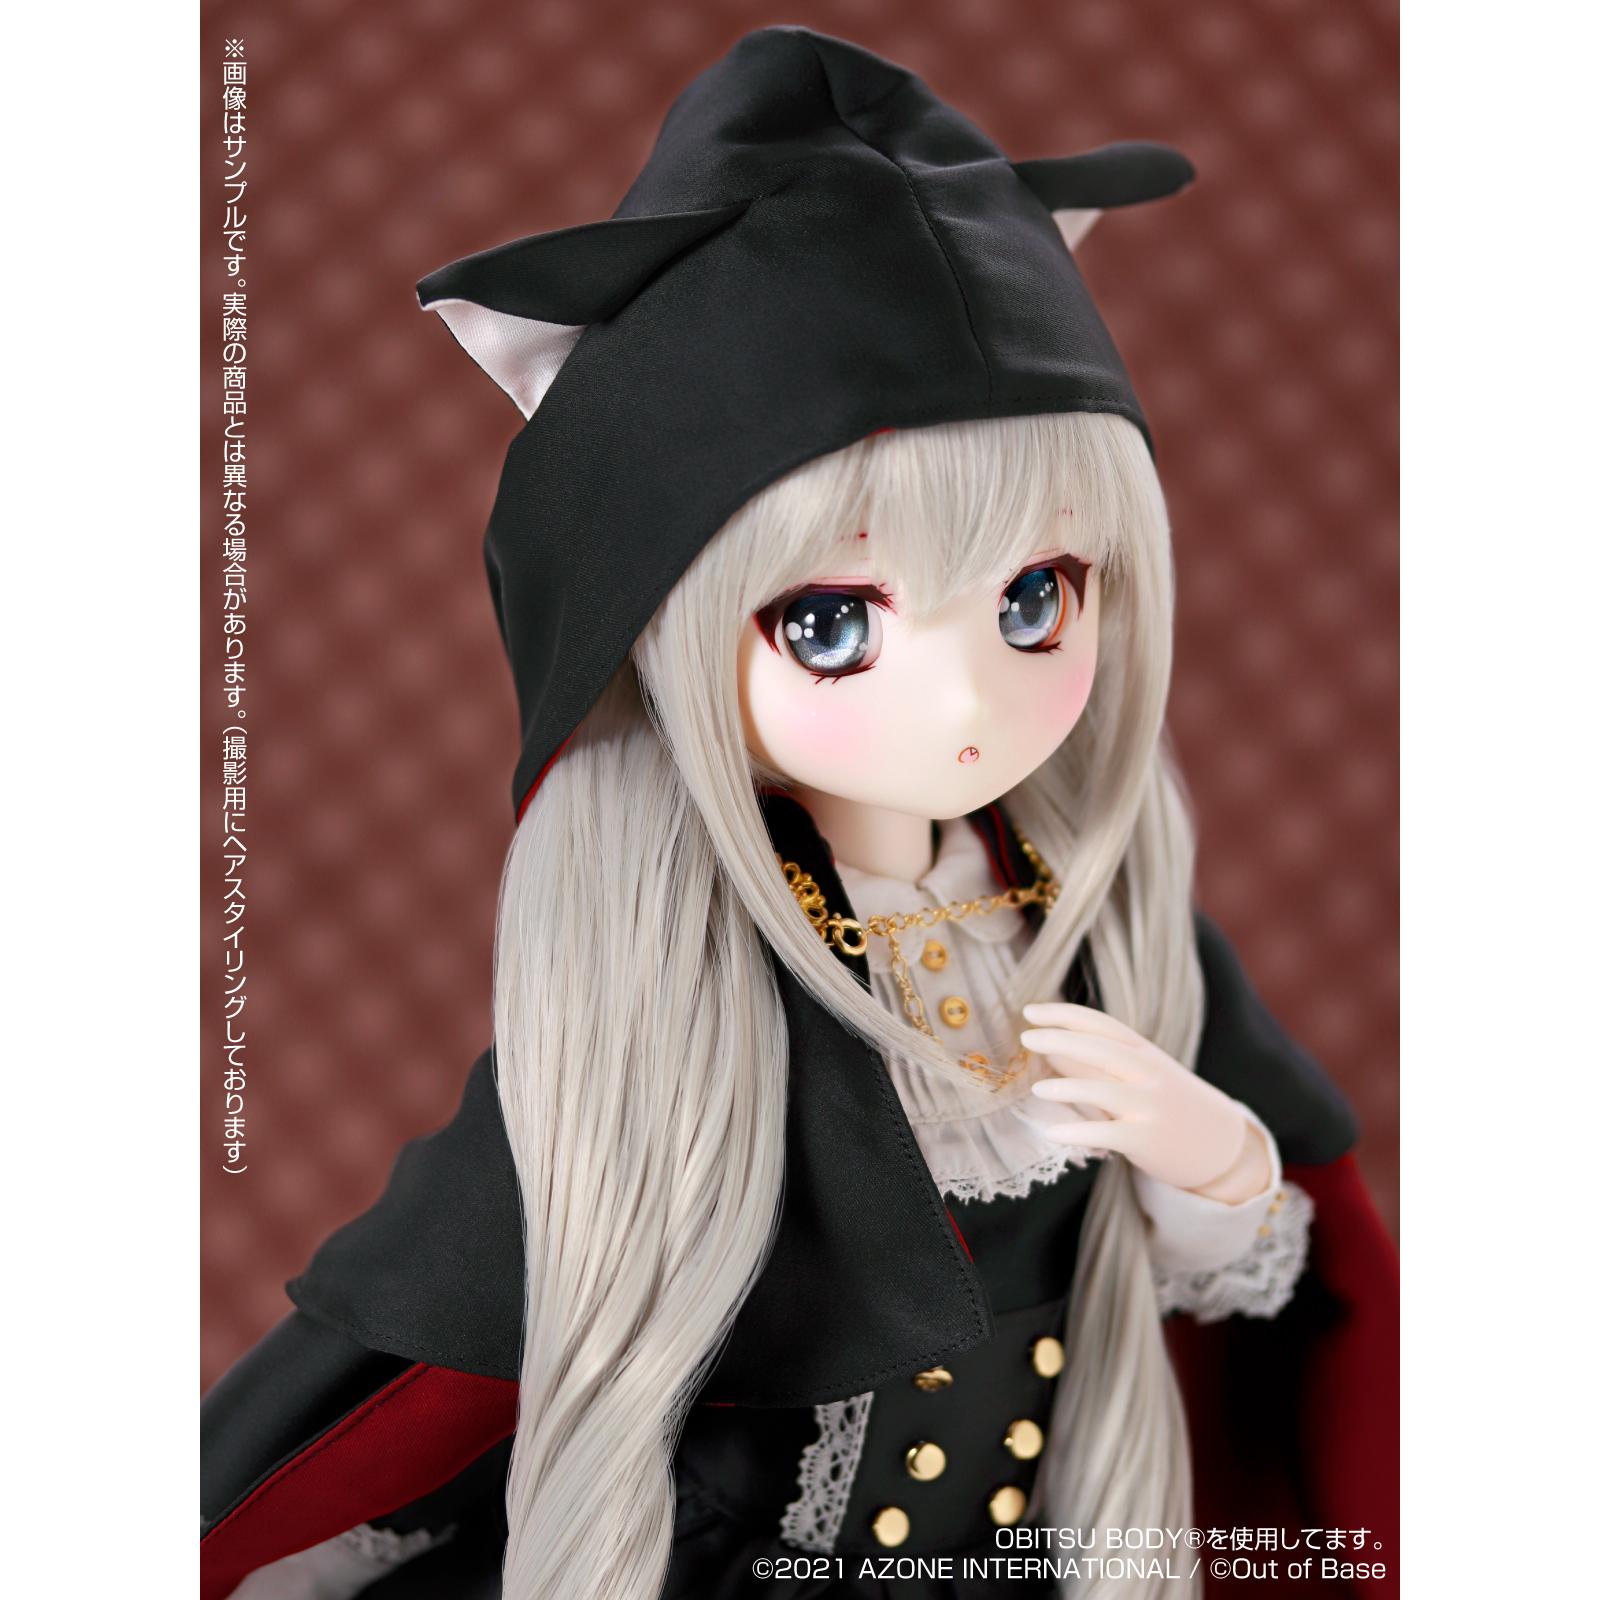 Iris Collect petit『すずね/~Wonder fraulein~Goth×Loli cats(通常販売ver.)』アイリスコレクト プチ 1/3 完成品ドール-011